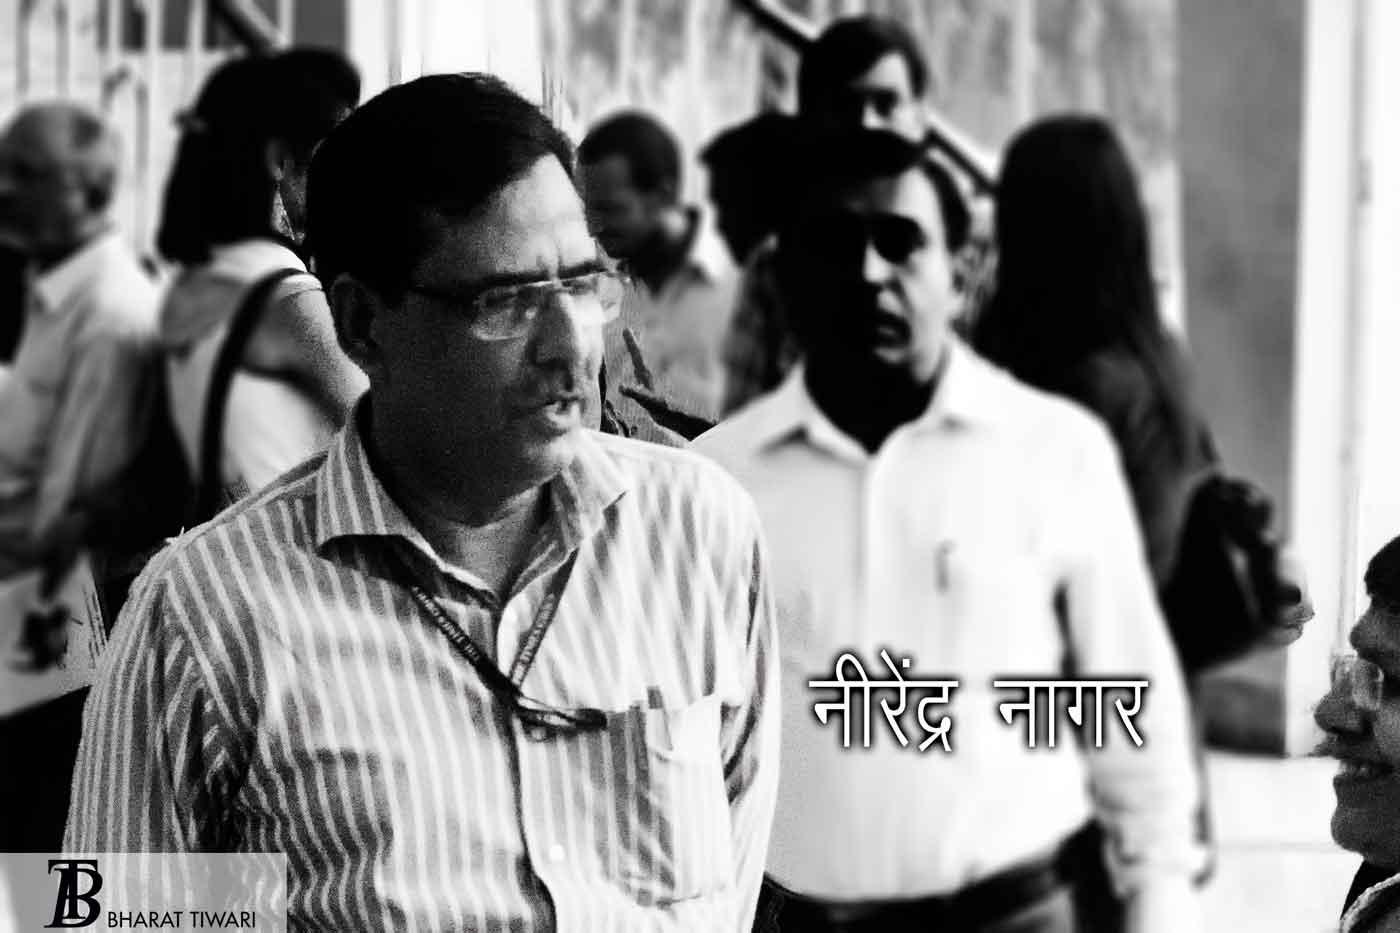 नीरेंद्र नागर, वरिष्ठ संपादक, नवभारत टाइम्स